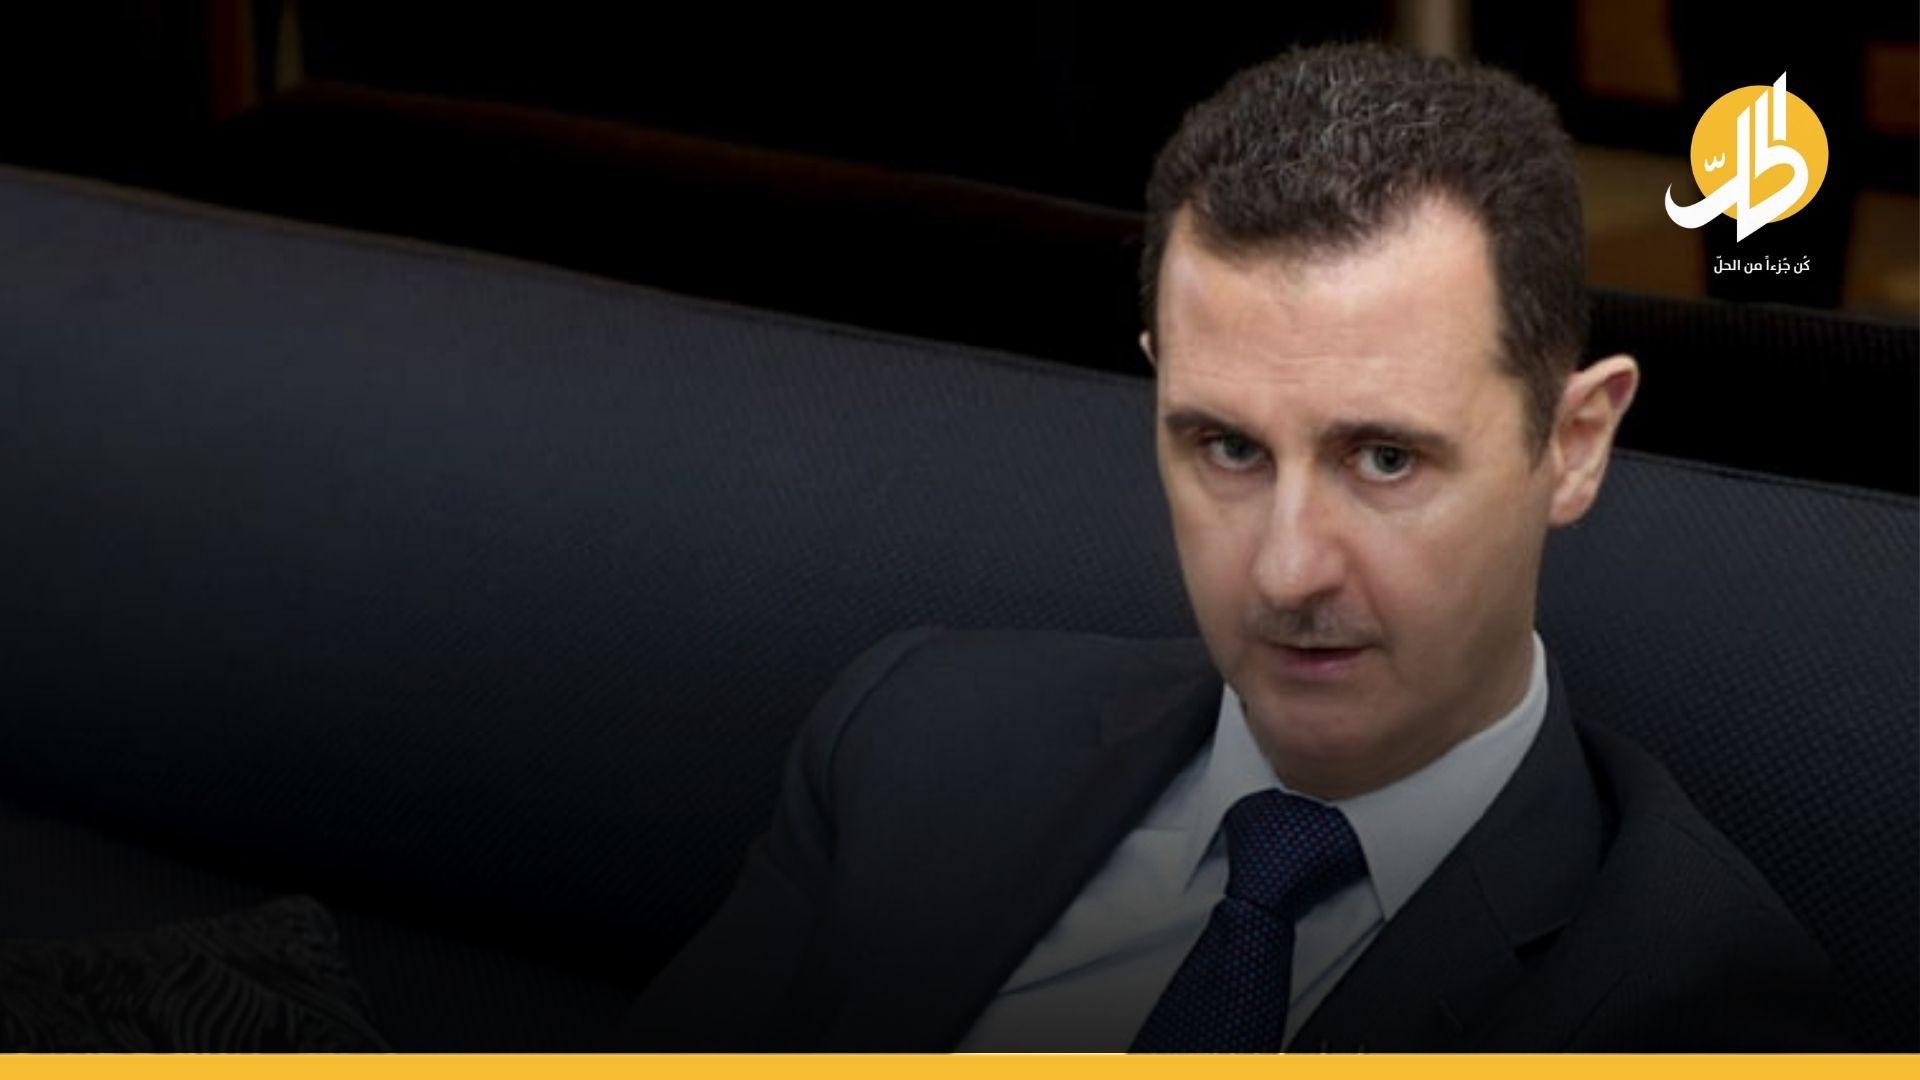 """""""حزب الله"""" بموسكو.. قلَقٌ إيراني من موقف روسيا تجاه """"الأسَد"""": ماذا يحدث؟"""